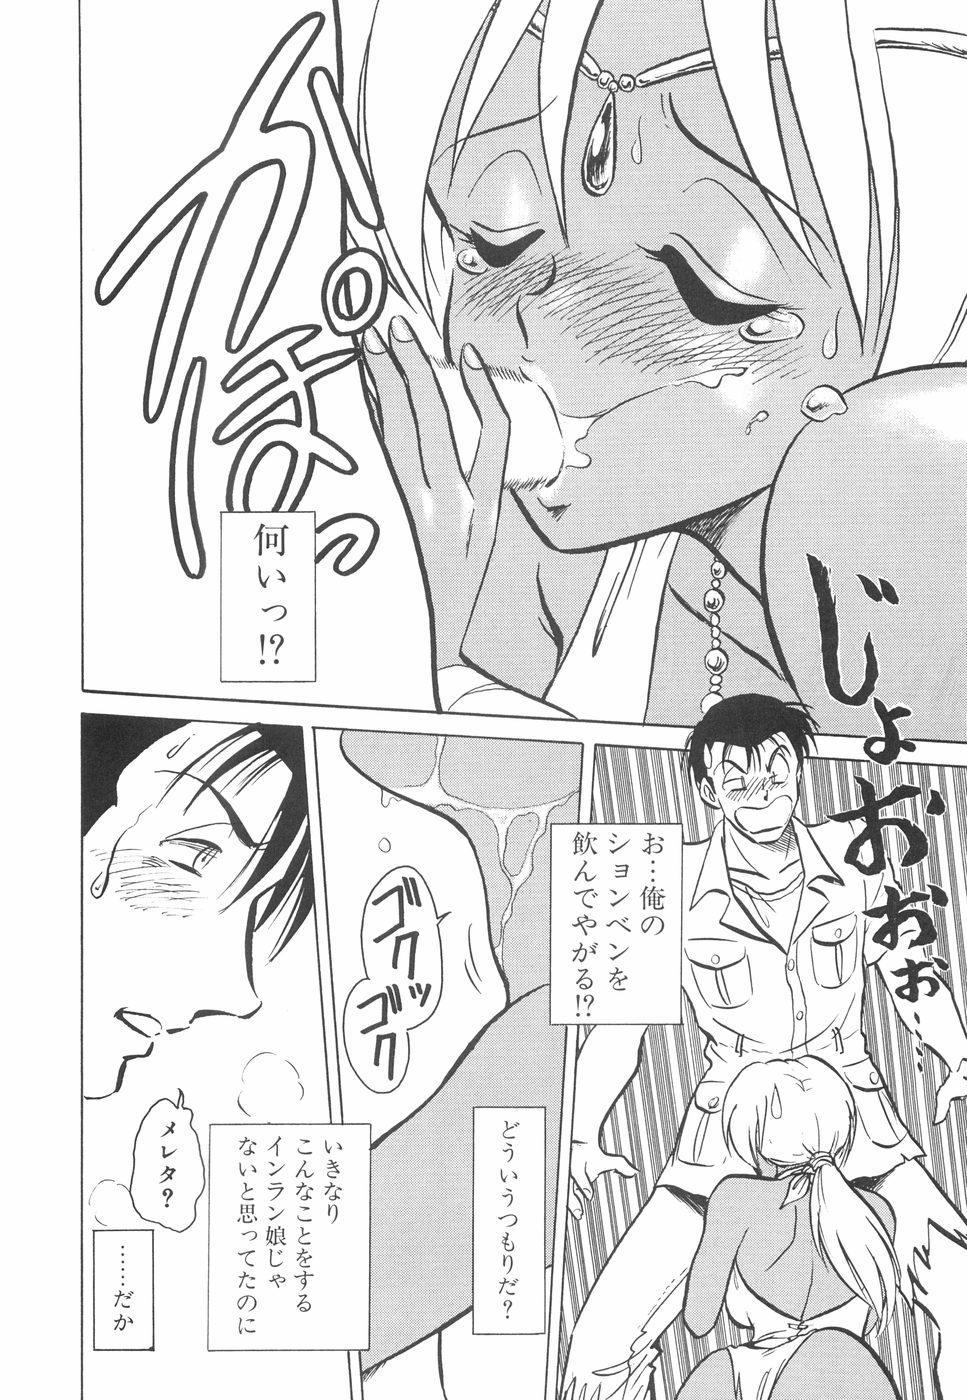 Hazukashime no Jikan 146